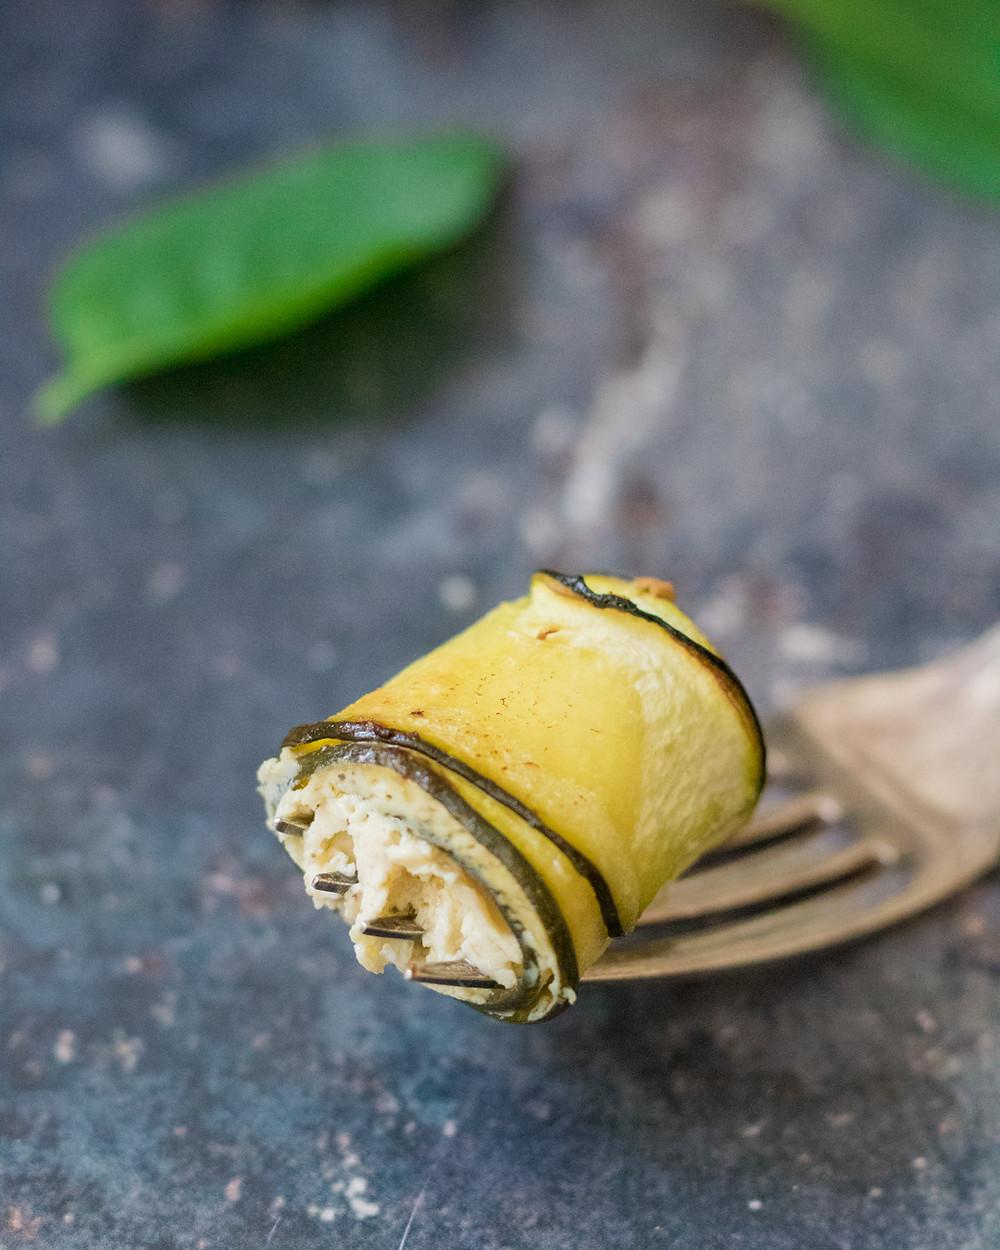 גלילות זוקיני במילוי גבינת טופו טבעונית מוצרלה קשיו טבעונית